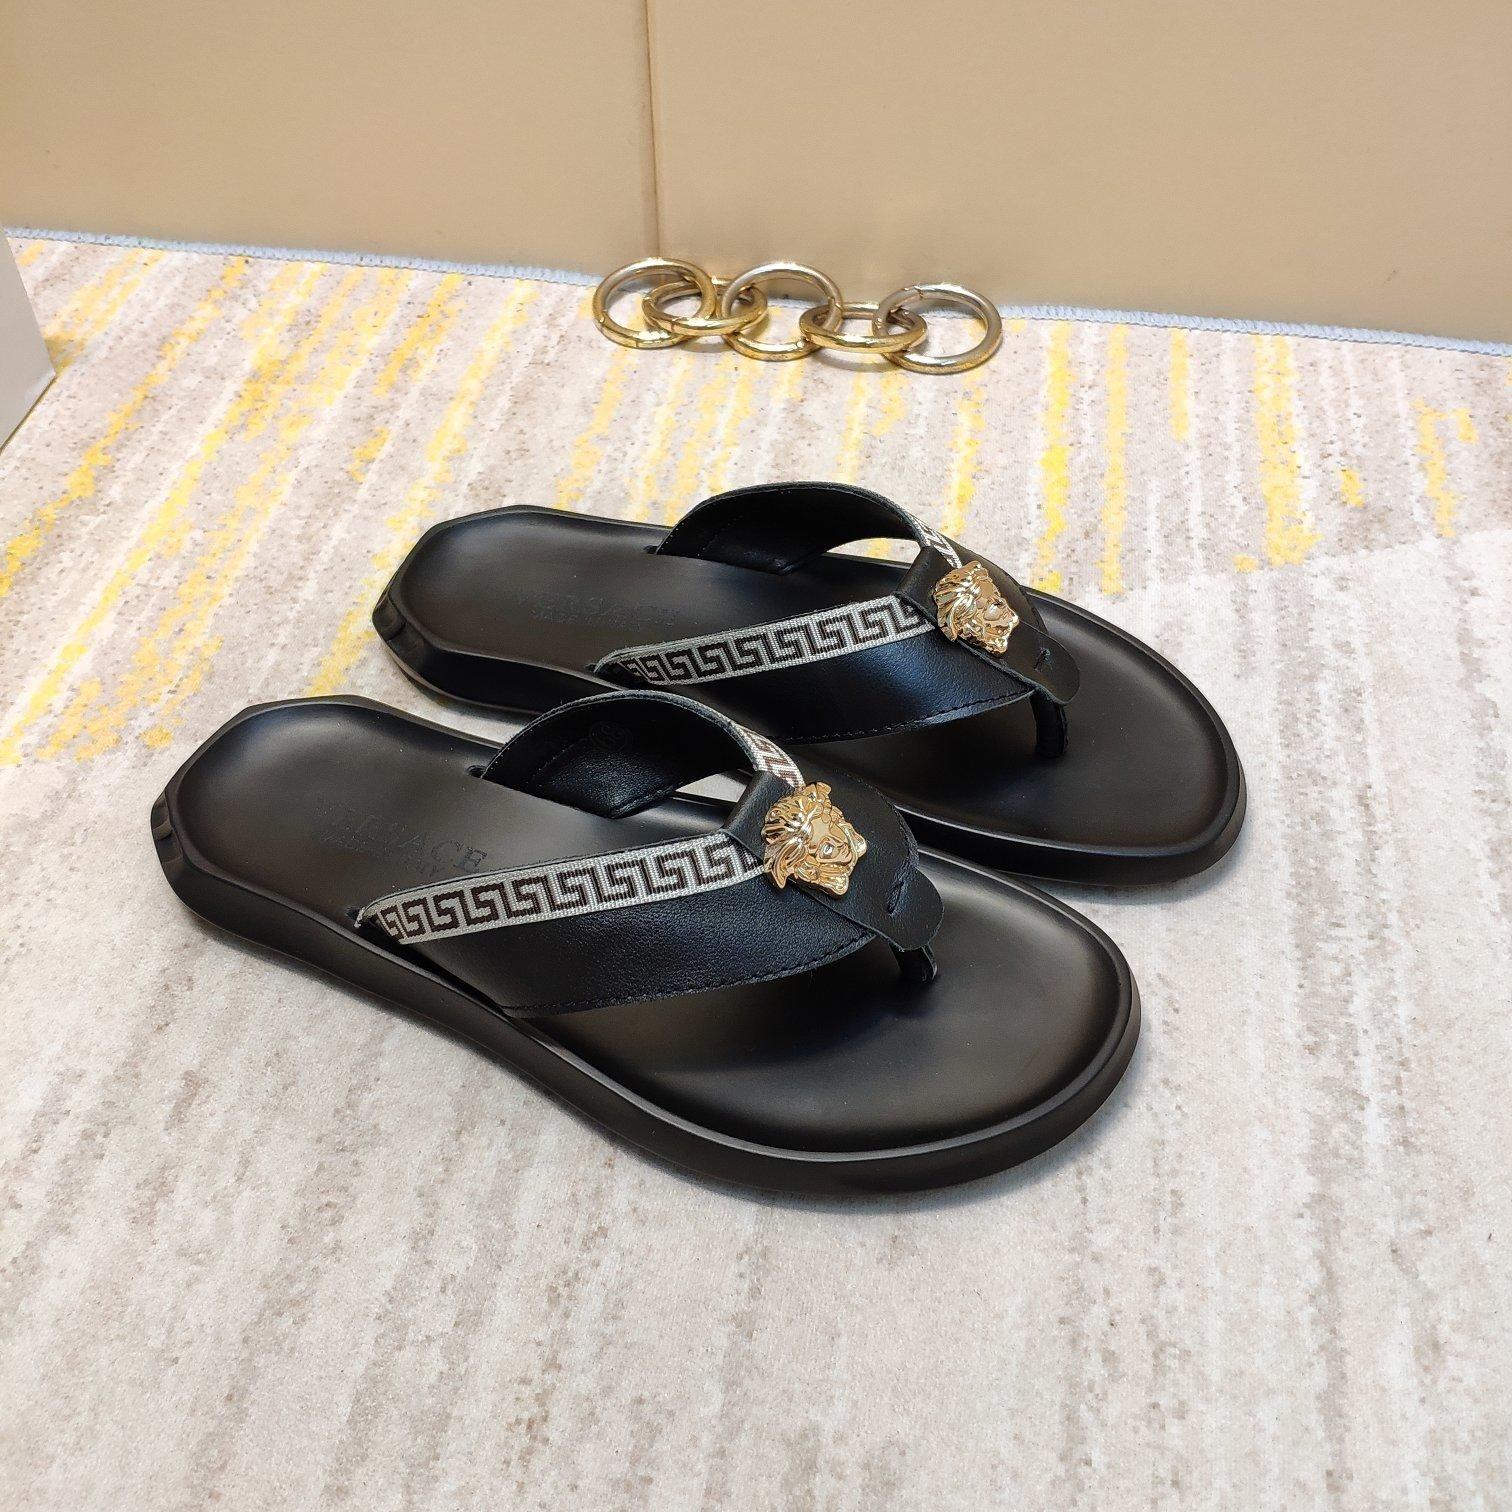 جديد النعال الصيف العلامة التجارية الإيطالية للرجال جودة عالية اصبع القدم في الأماكن المغلقة الصنادل الجلدية الشاطئ الرجال شقة الاحذية